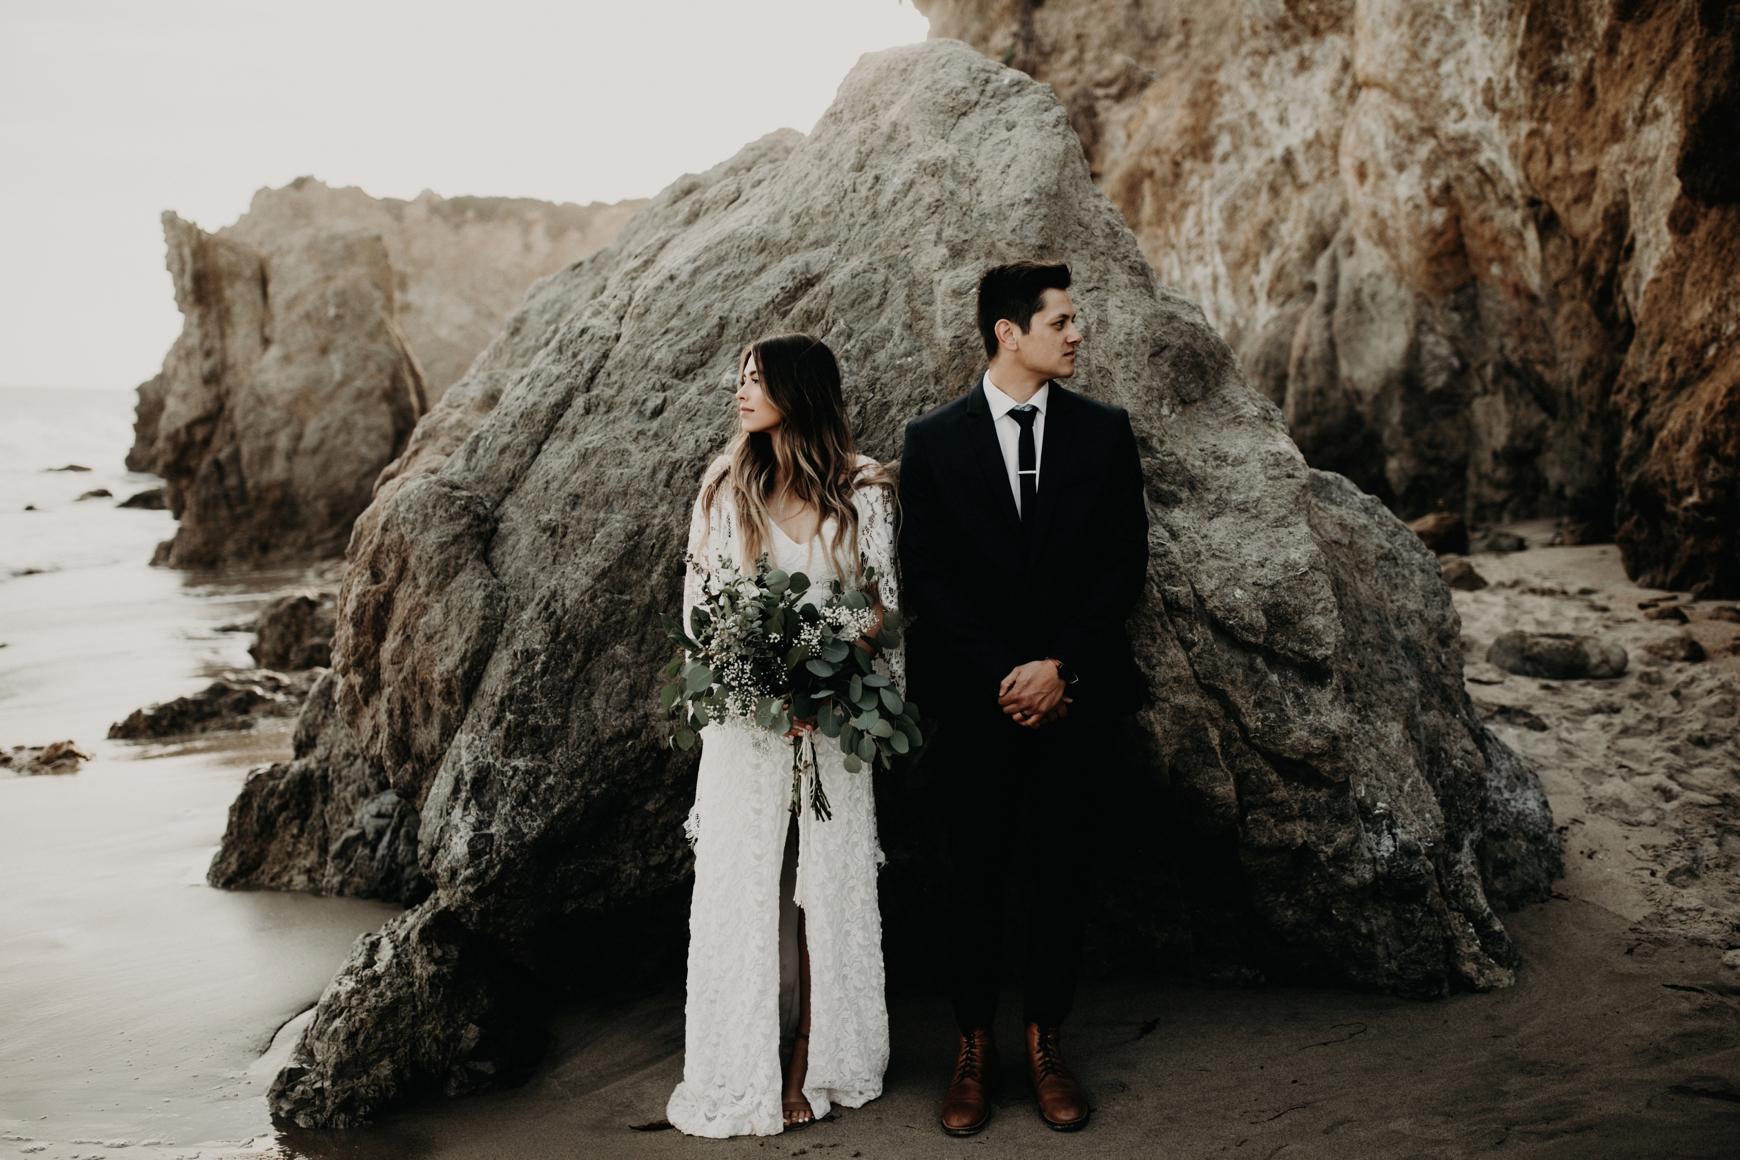 El Matador Beach Bridal Portraits Justellen & TJ Emily Magers Photography-208Emily Magers Photography.jpg